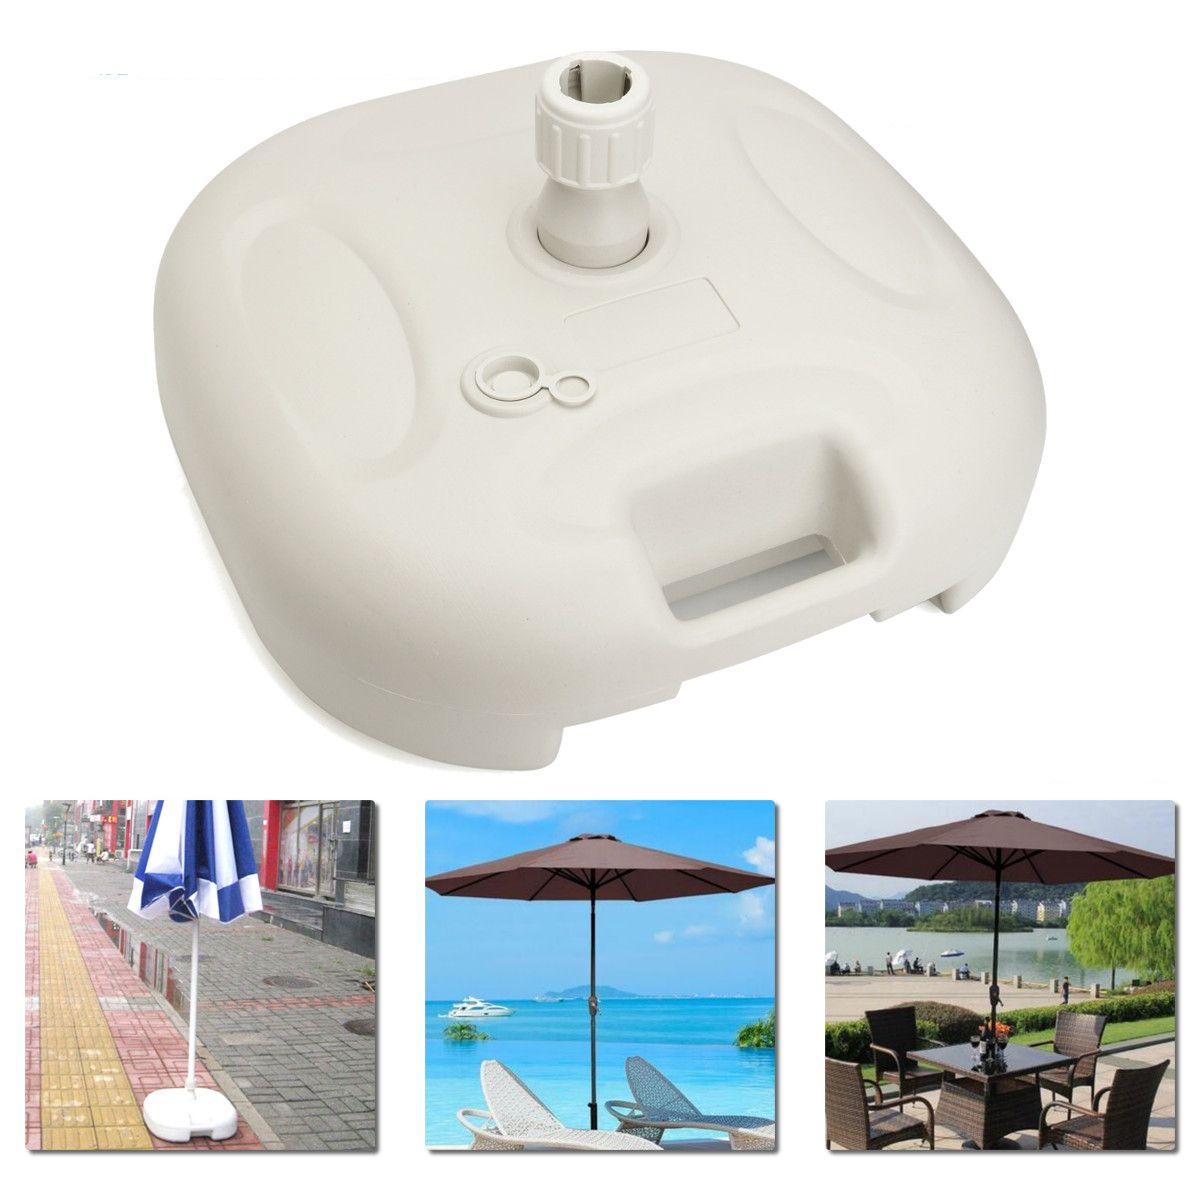 Sale 28 15 59 Ipree Outdoor Umbrella Stand Parasol Base Patio